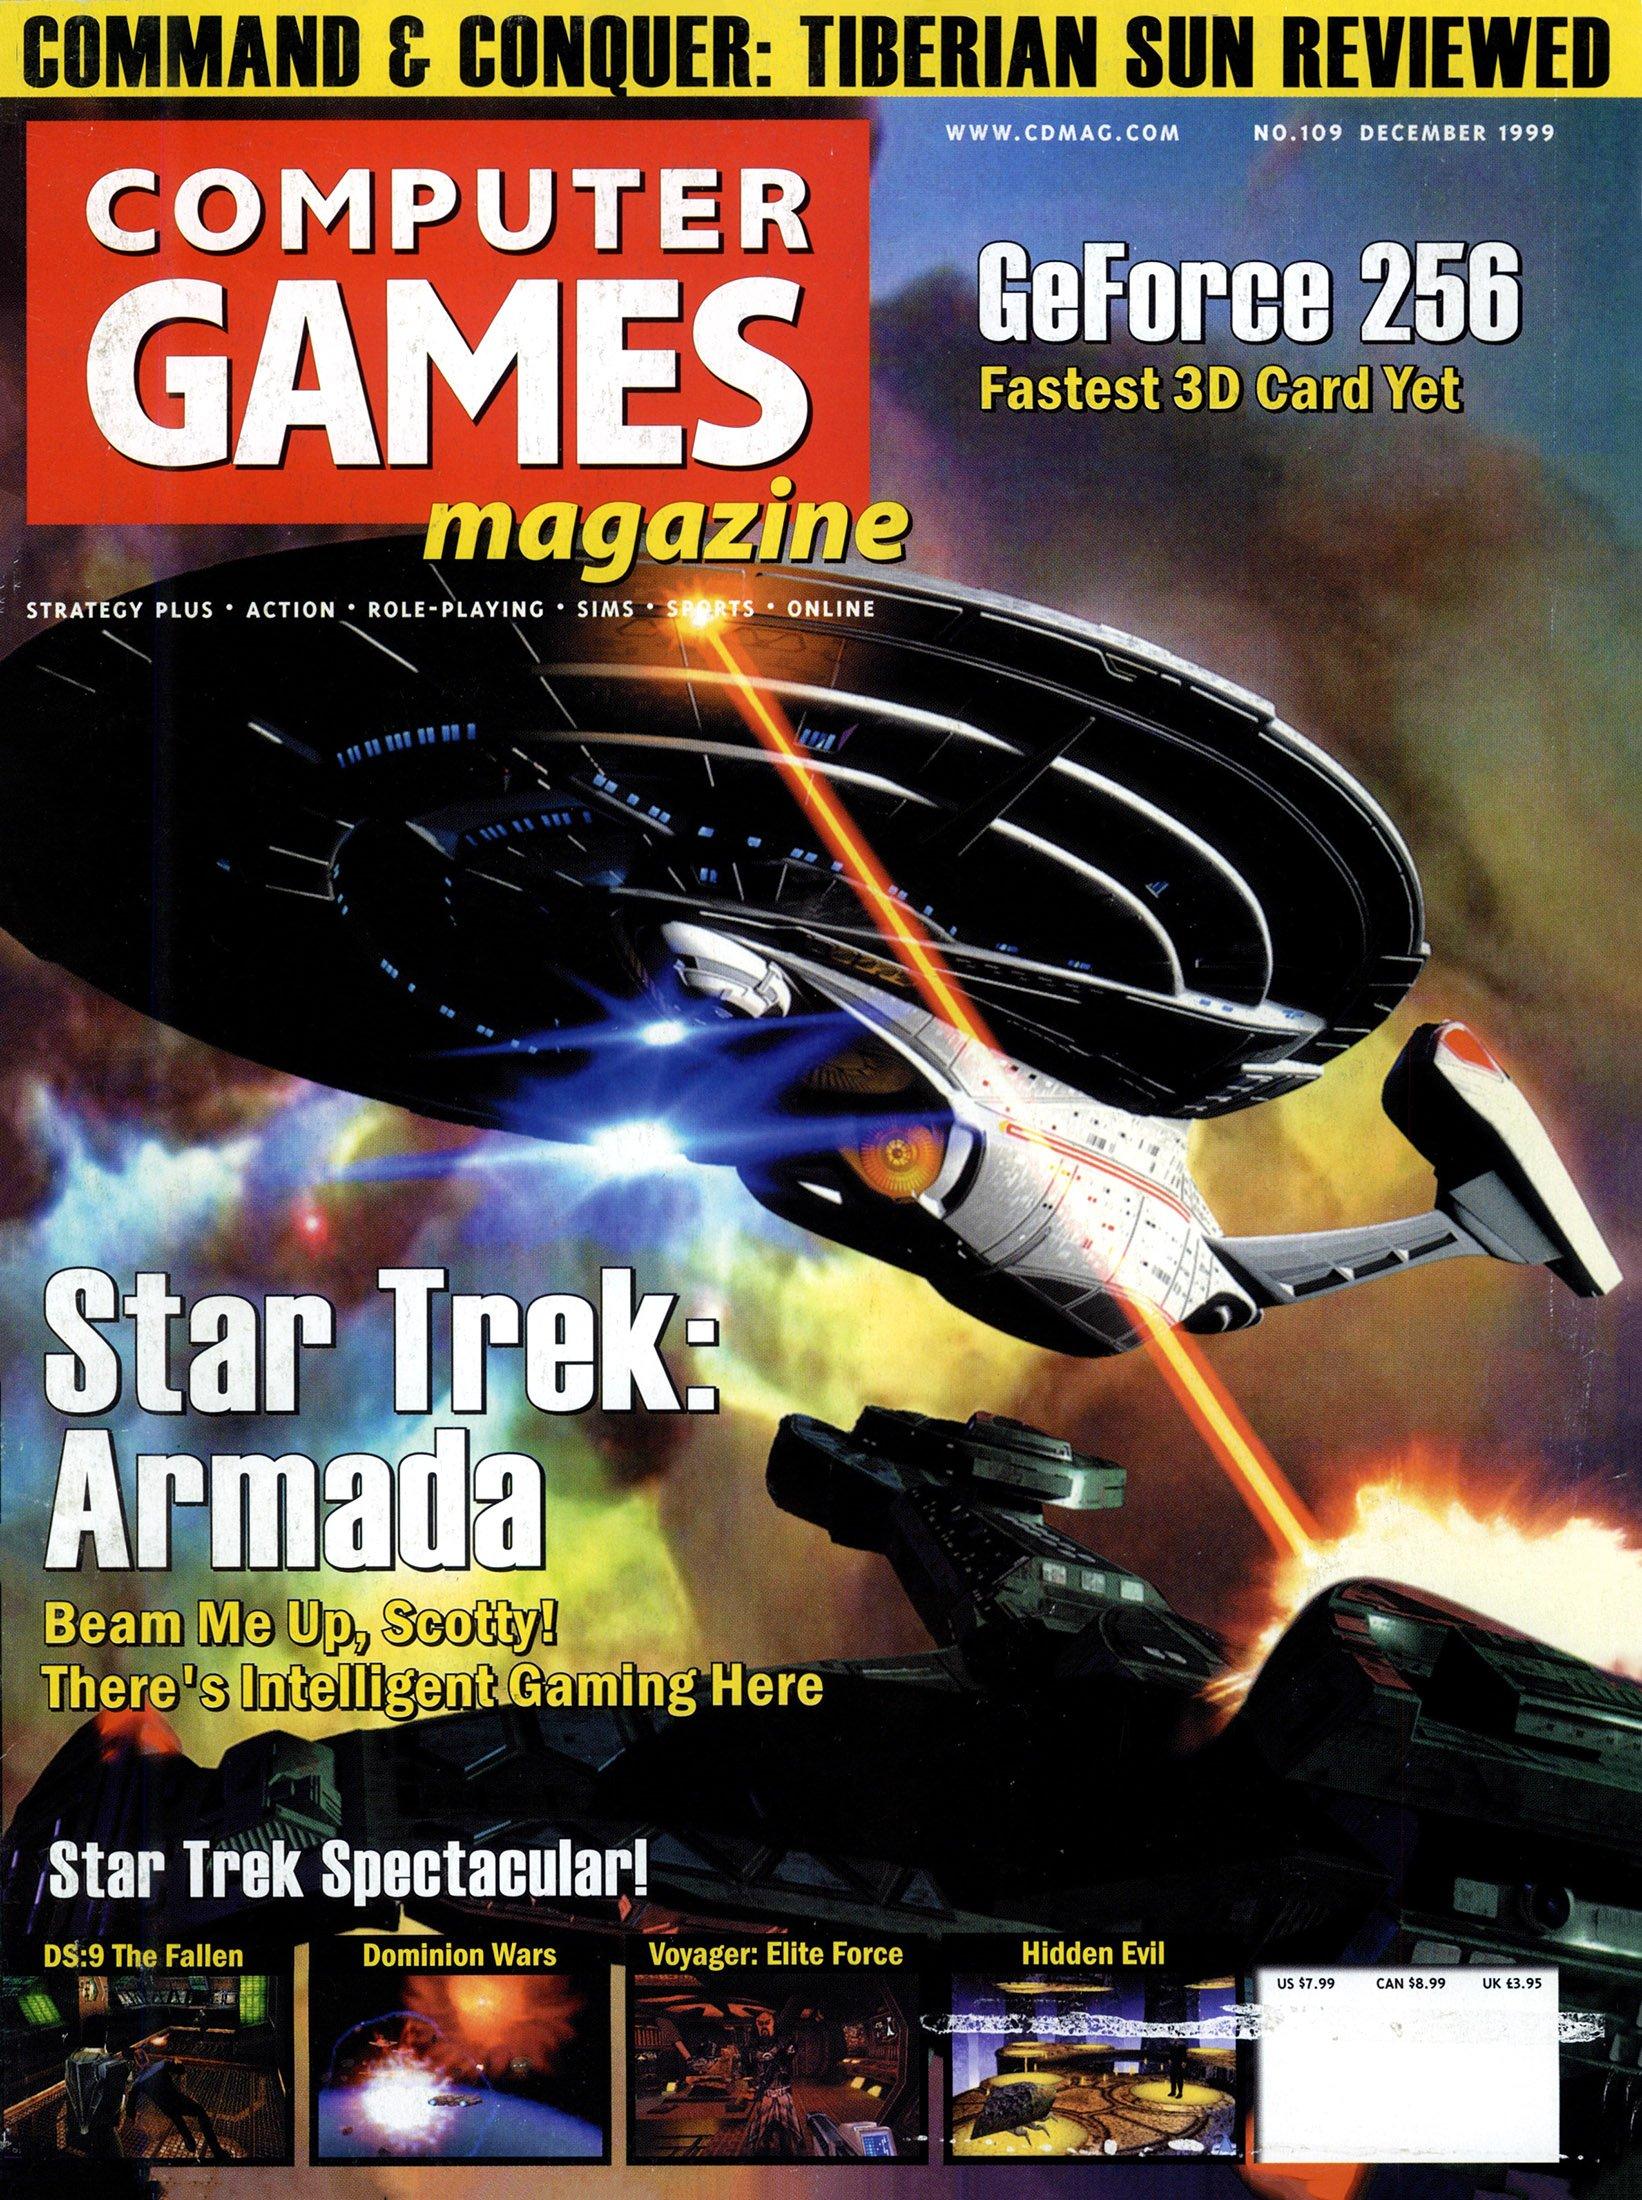 Computer Games Magazine Issue 109 (December 1999)